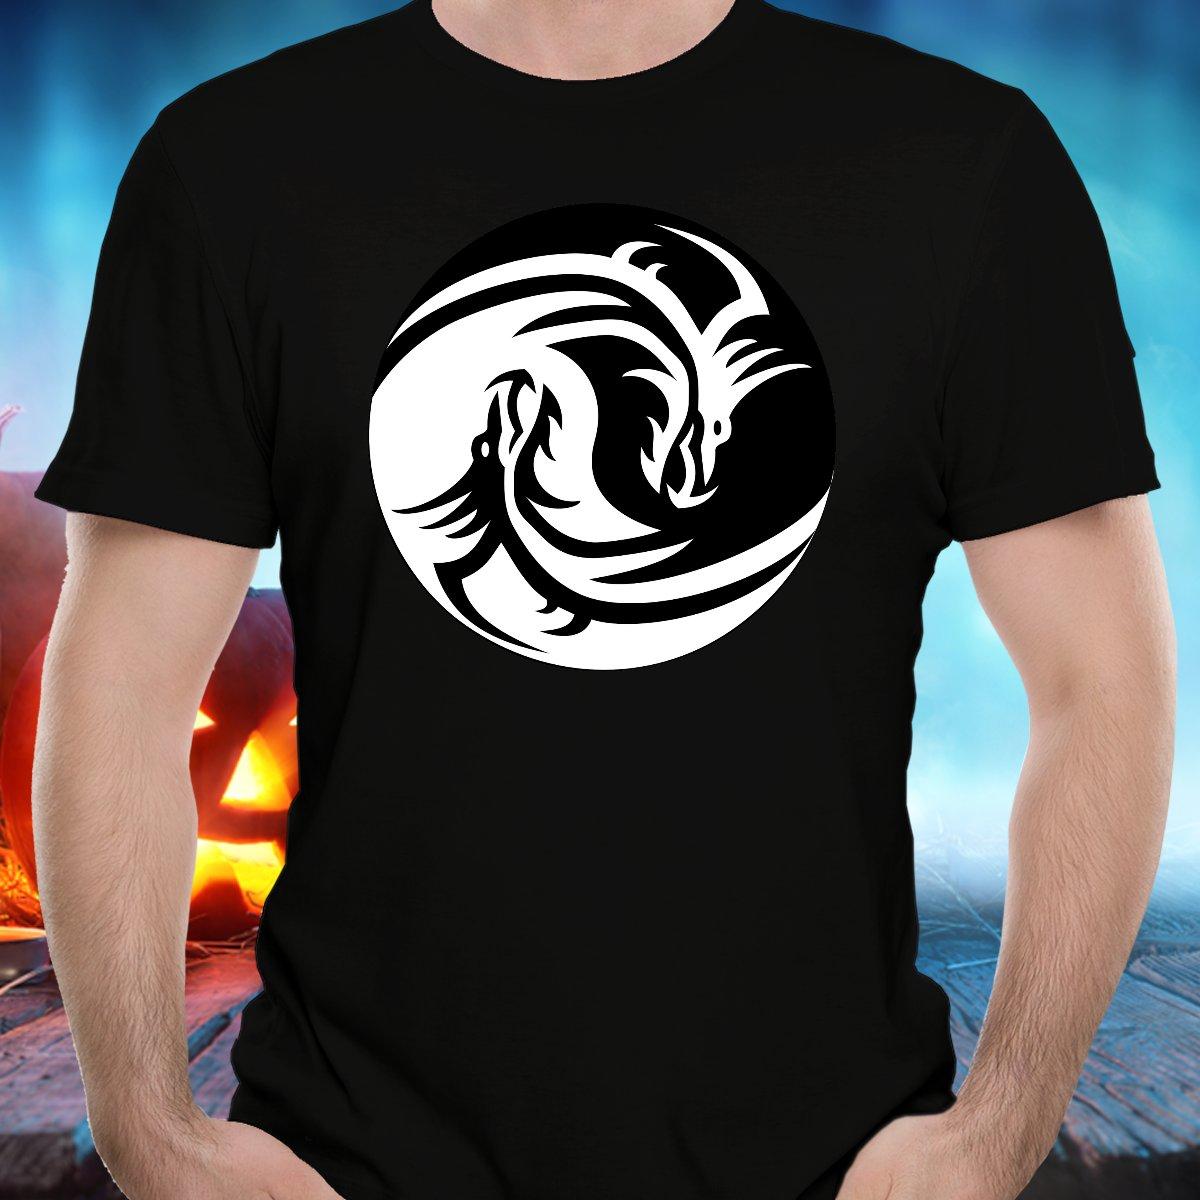 Ying-Yang Dragon - T-Shirt - FREE Shipping!